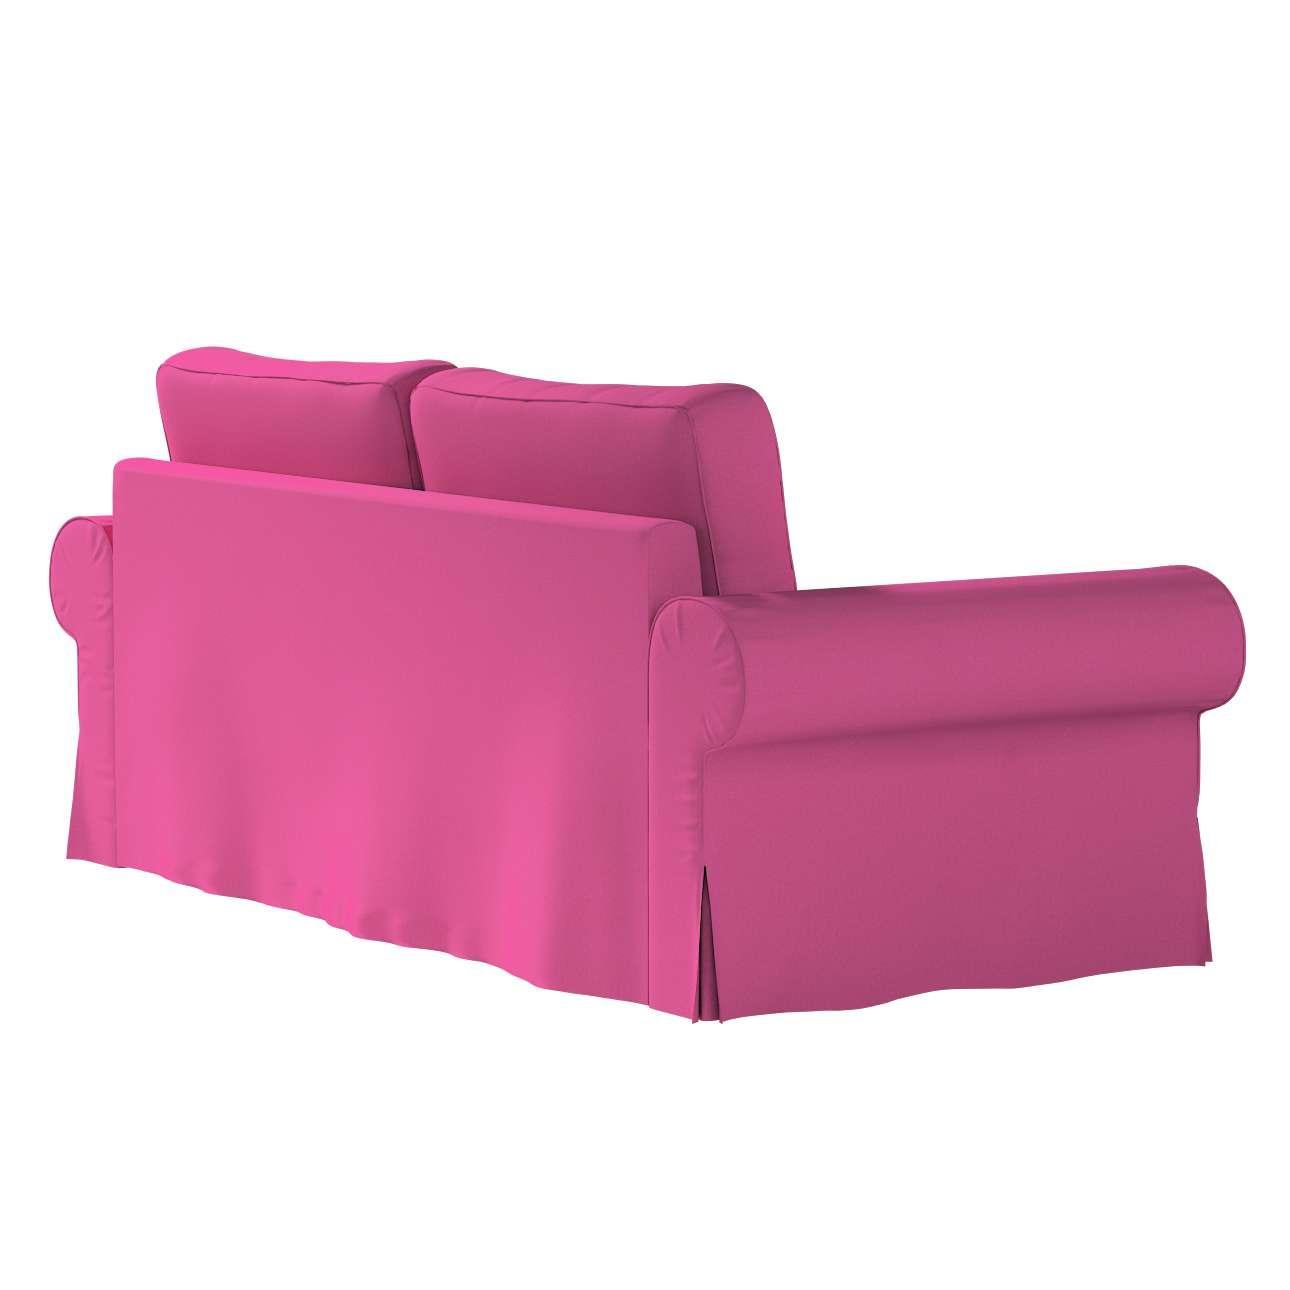 Bezug für Backabro 3-Sitzer Sofa ausklappbar von der Kollektion Living II, Stoff: 161-29